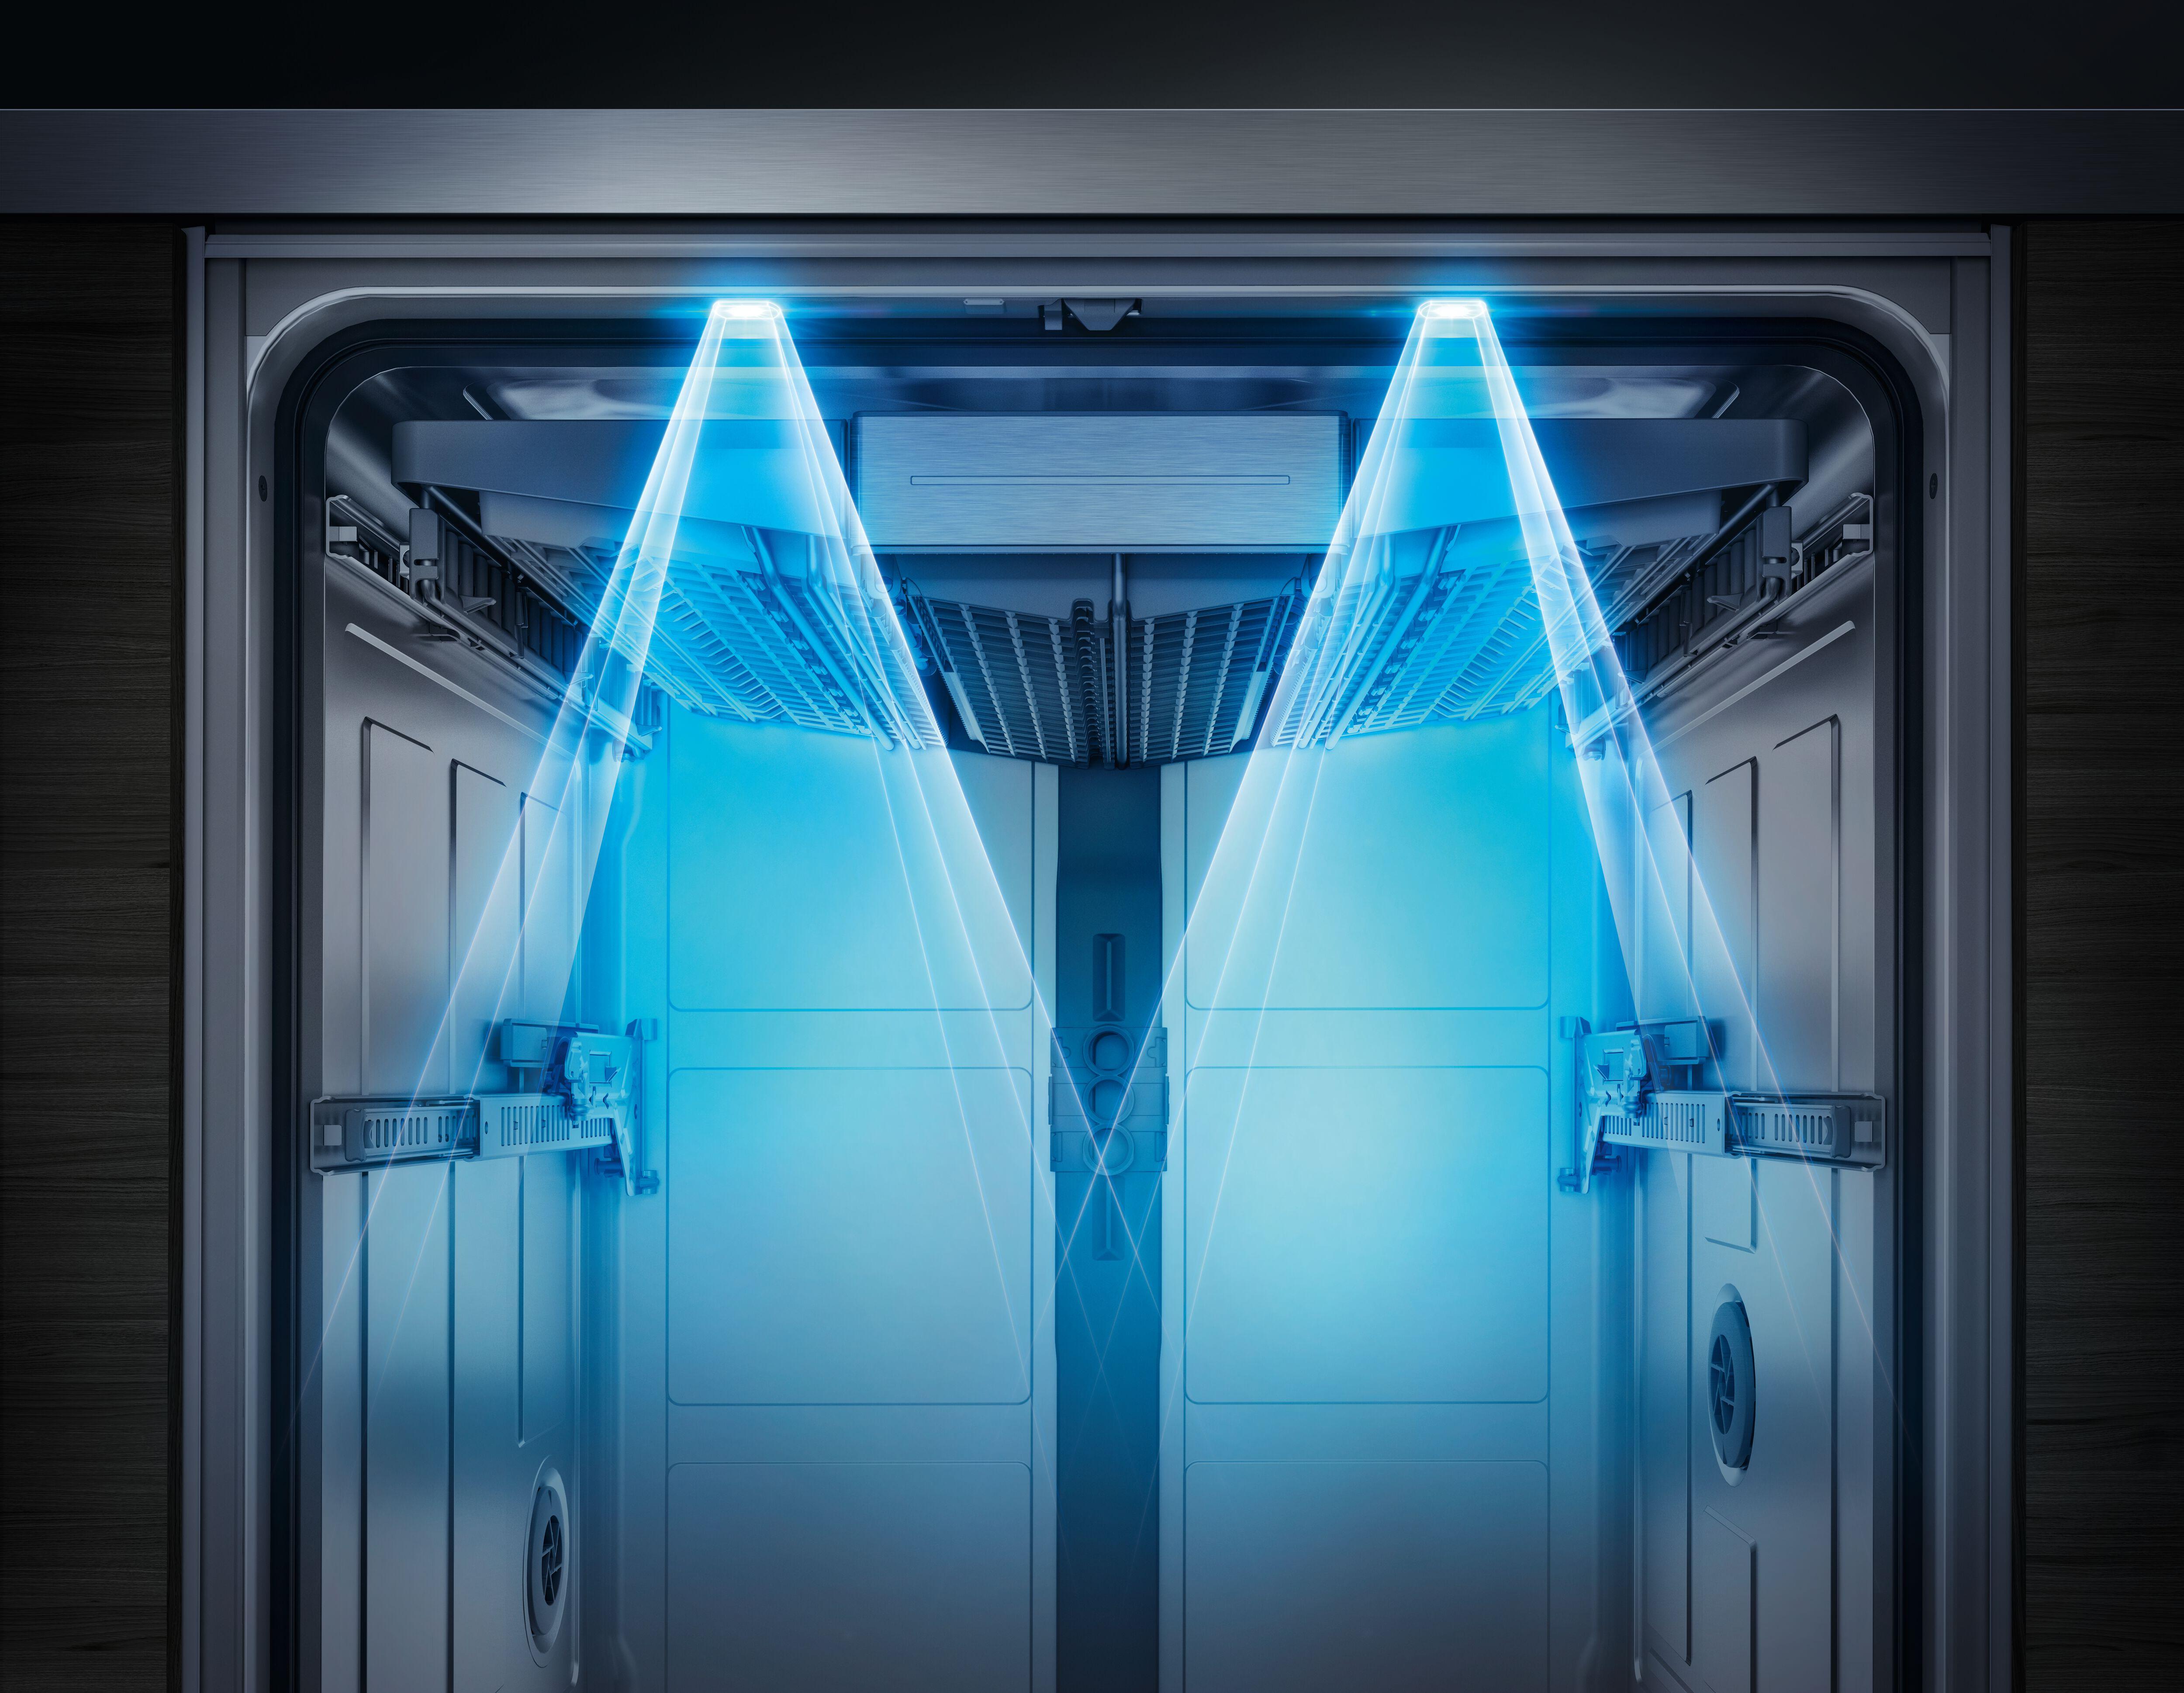 Poutavé osvětlení interiéru myčky nádobí v modré barvě - emotionLight.